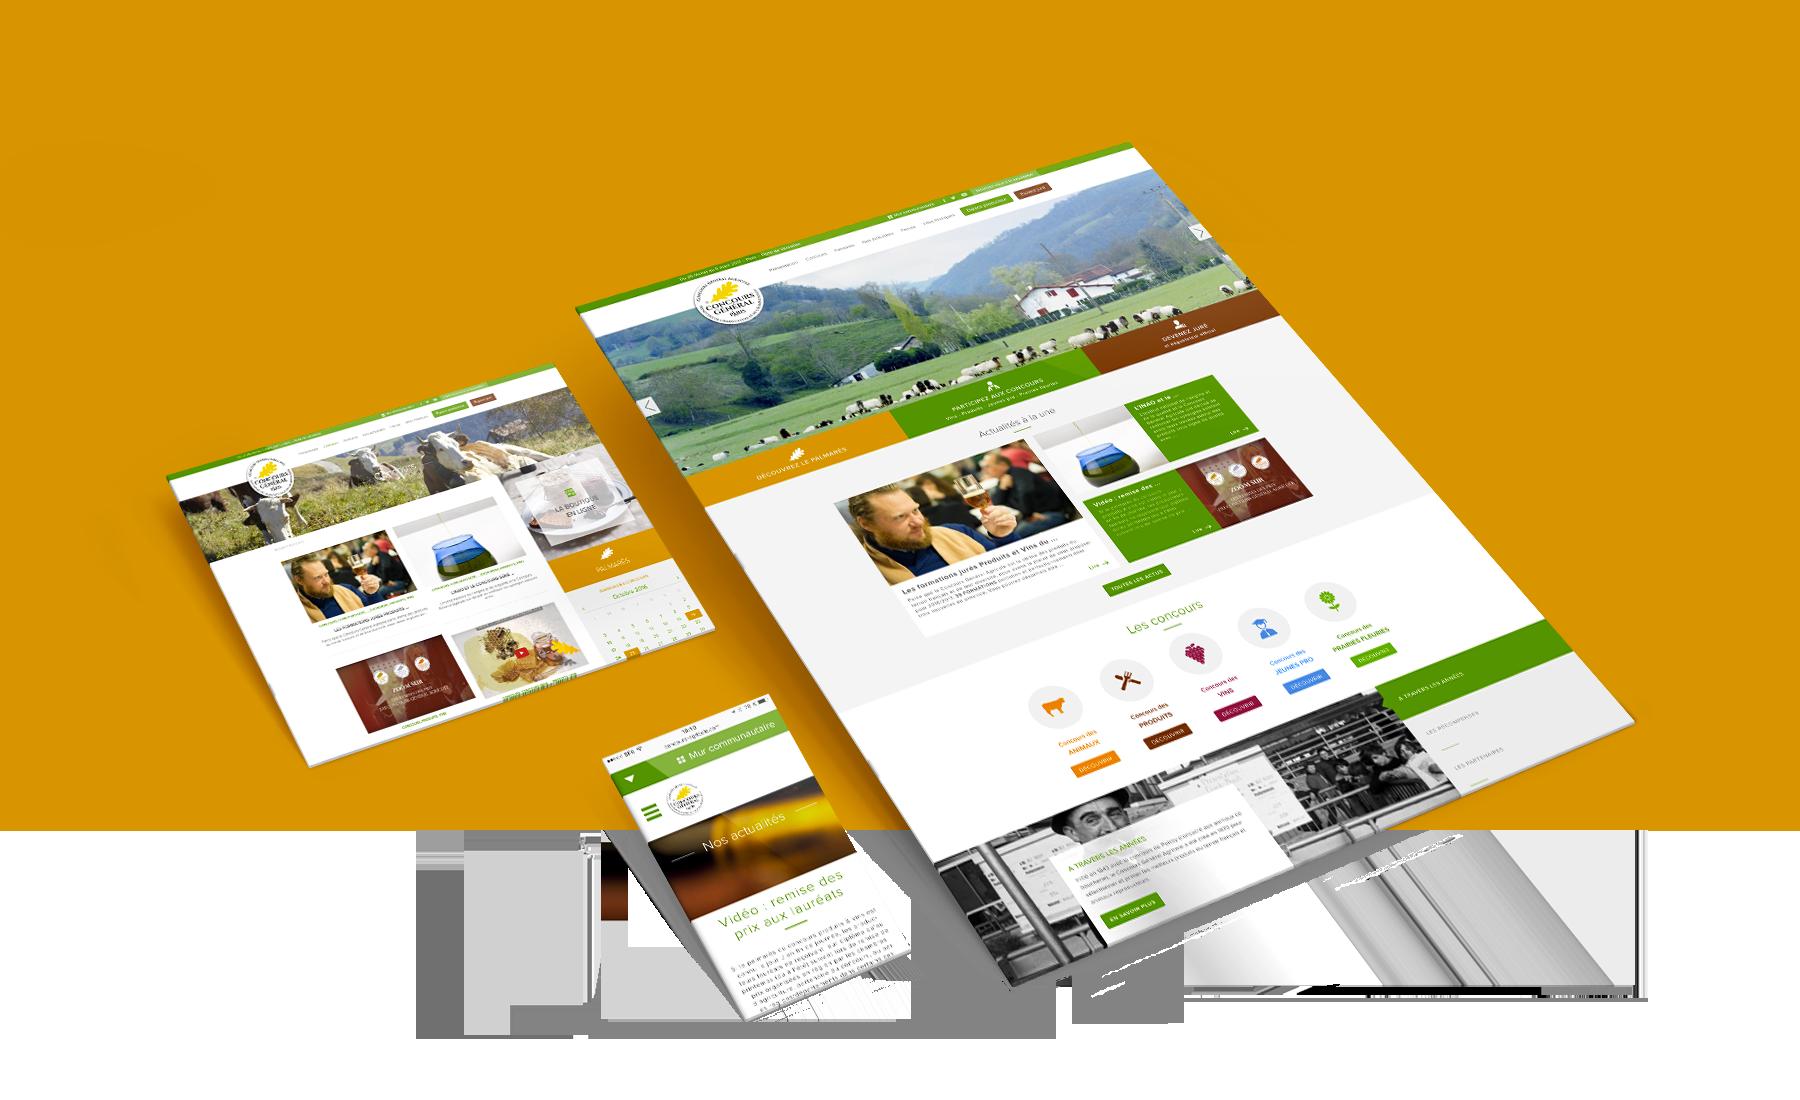 Concours général agricole - communication digitale par l'agence Sharing